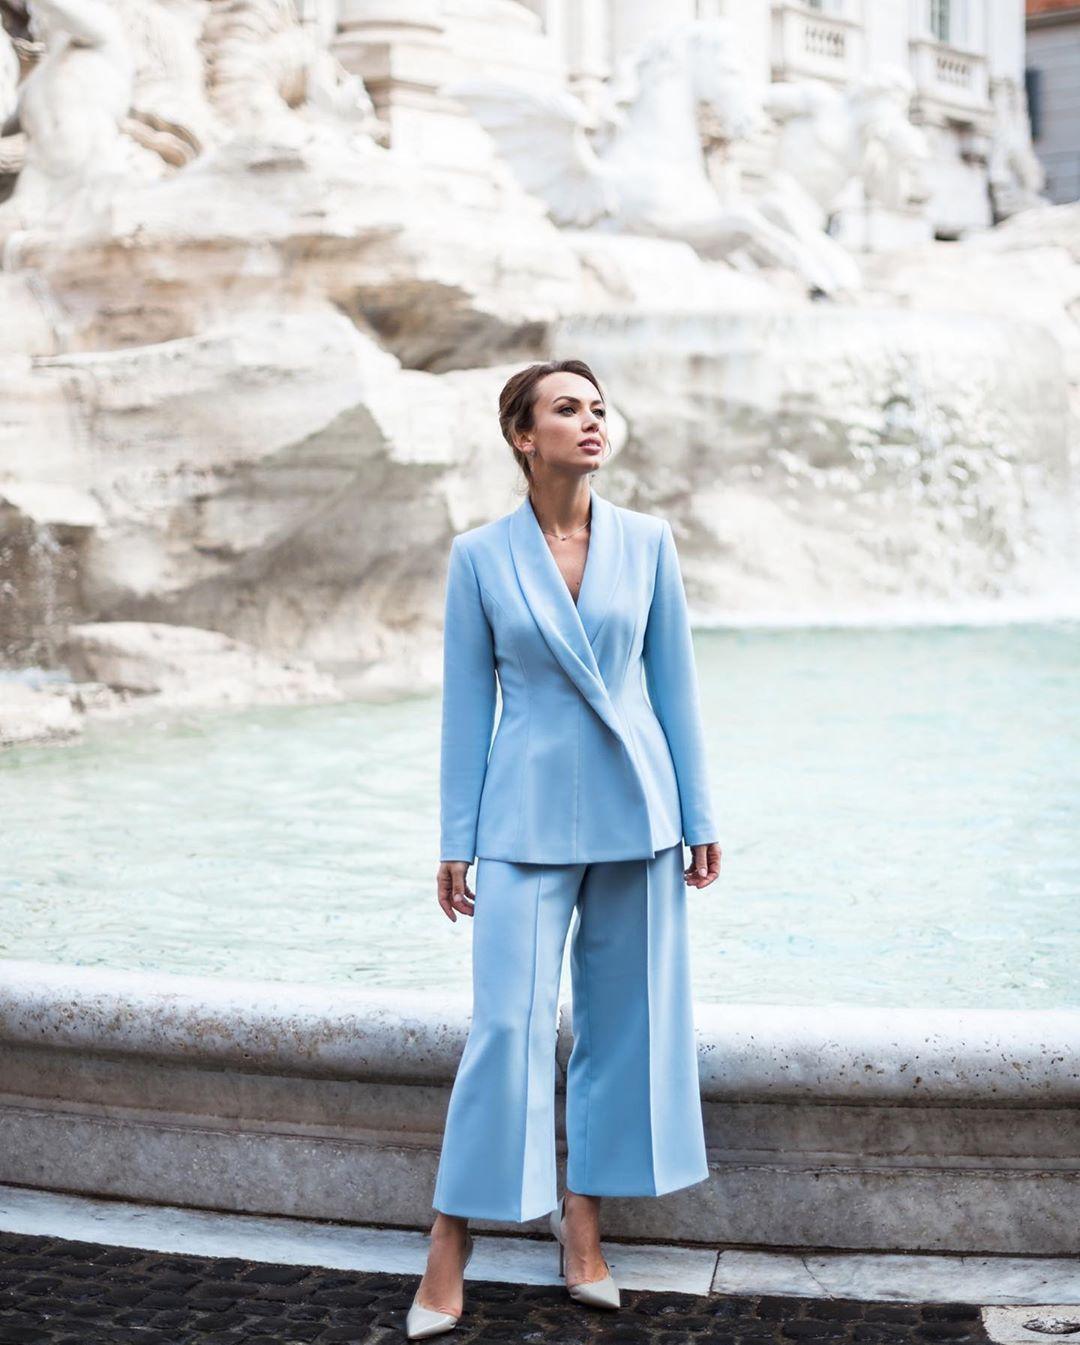 модные образы для бизнес-леди осень 2019 фото 3